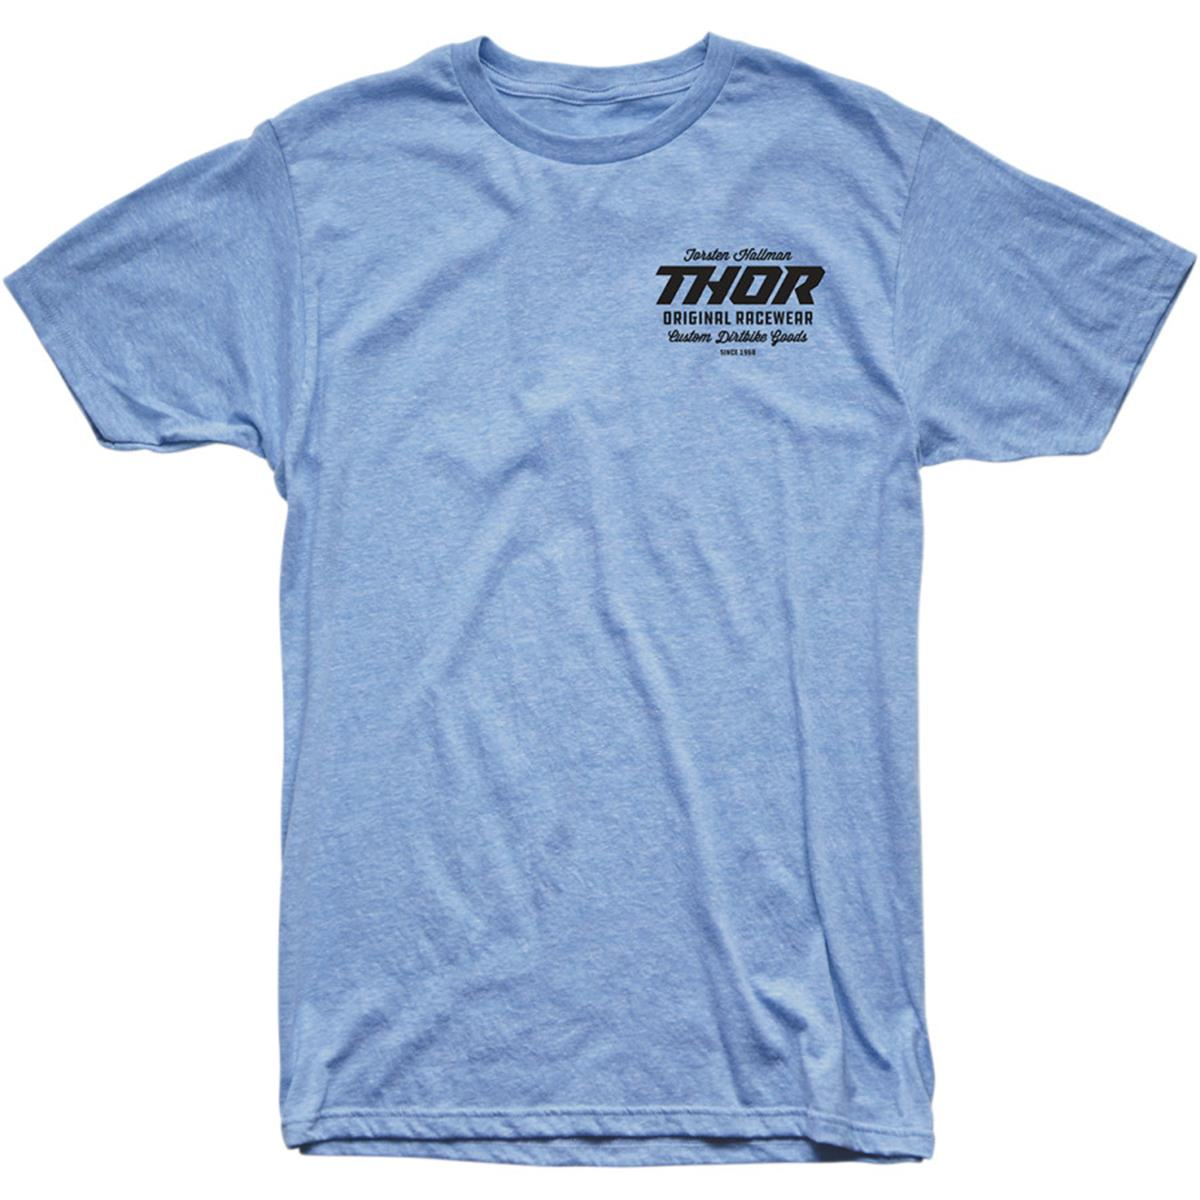 Thor T-Shirt The Goods Aqua